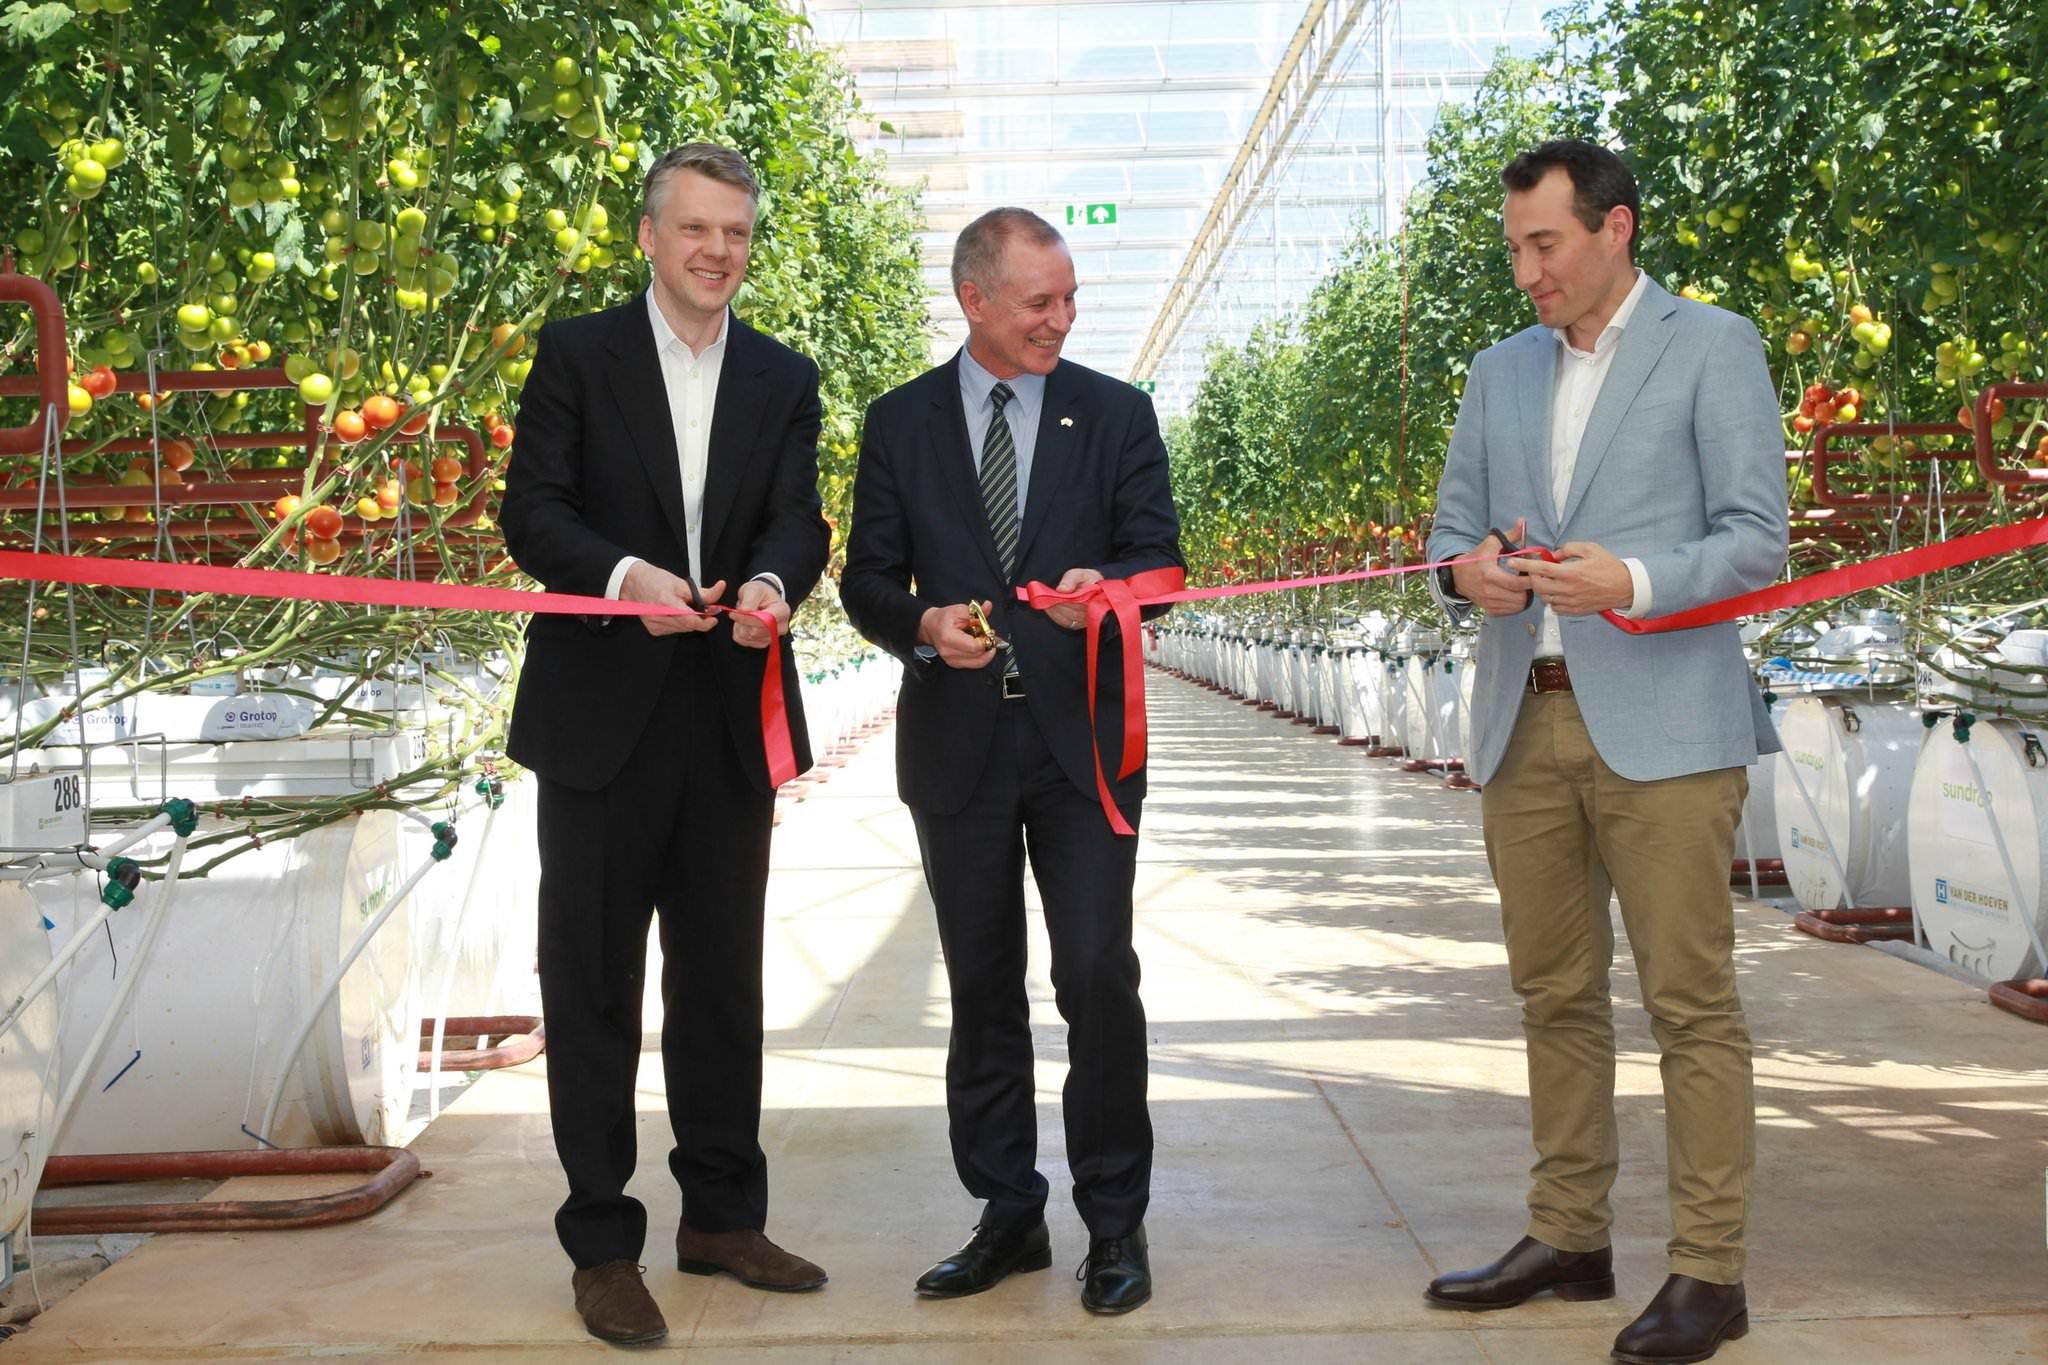 Met het doorknippen van een lint opende vandaag de Zuid-Australische premier Jay Weatherill de nieuwste tomatenkas van Sundrop Farms in Port Augusta, samen met CEO Philipp Saumweber en Chris Nicholas van afnemer Coles.